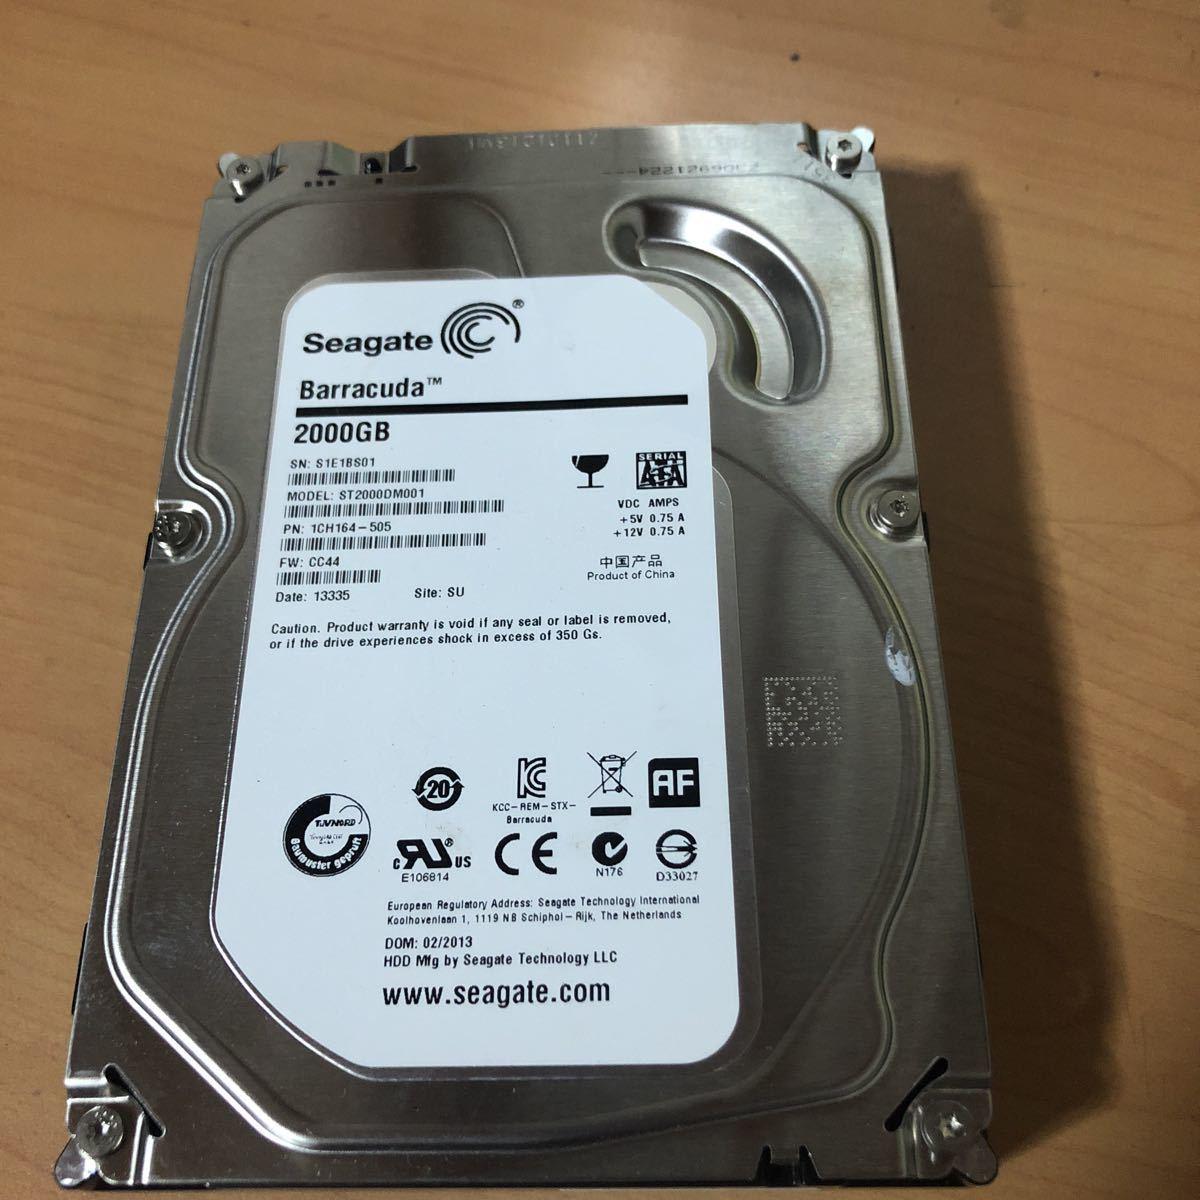 """ST2000DM001 Seagate Barracuda 2000GB 1CH164 2TB 3.5/"""" 7200RPM HDD"""